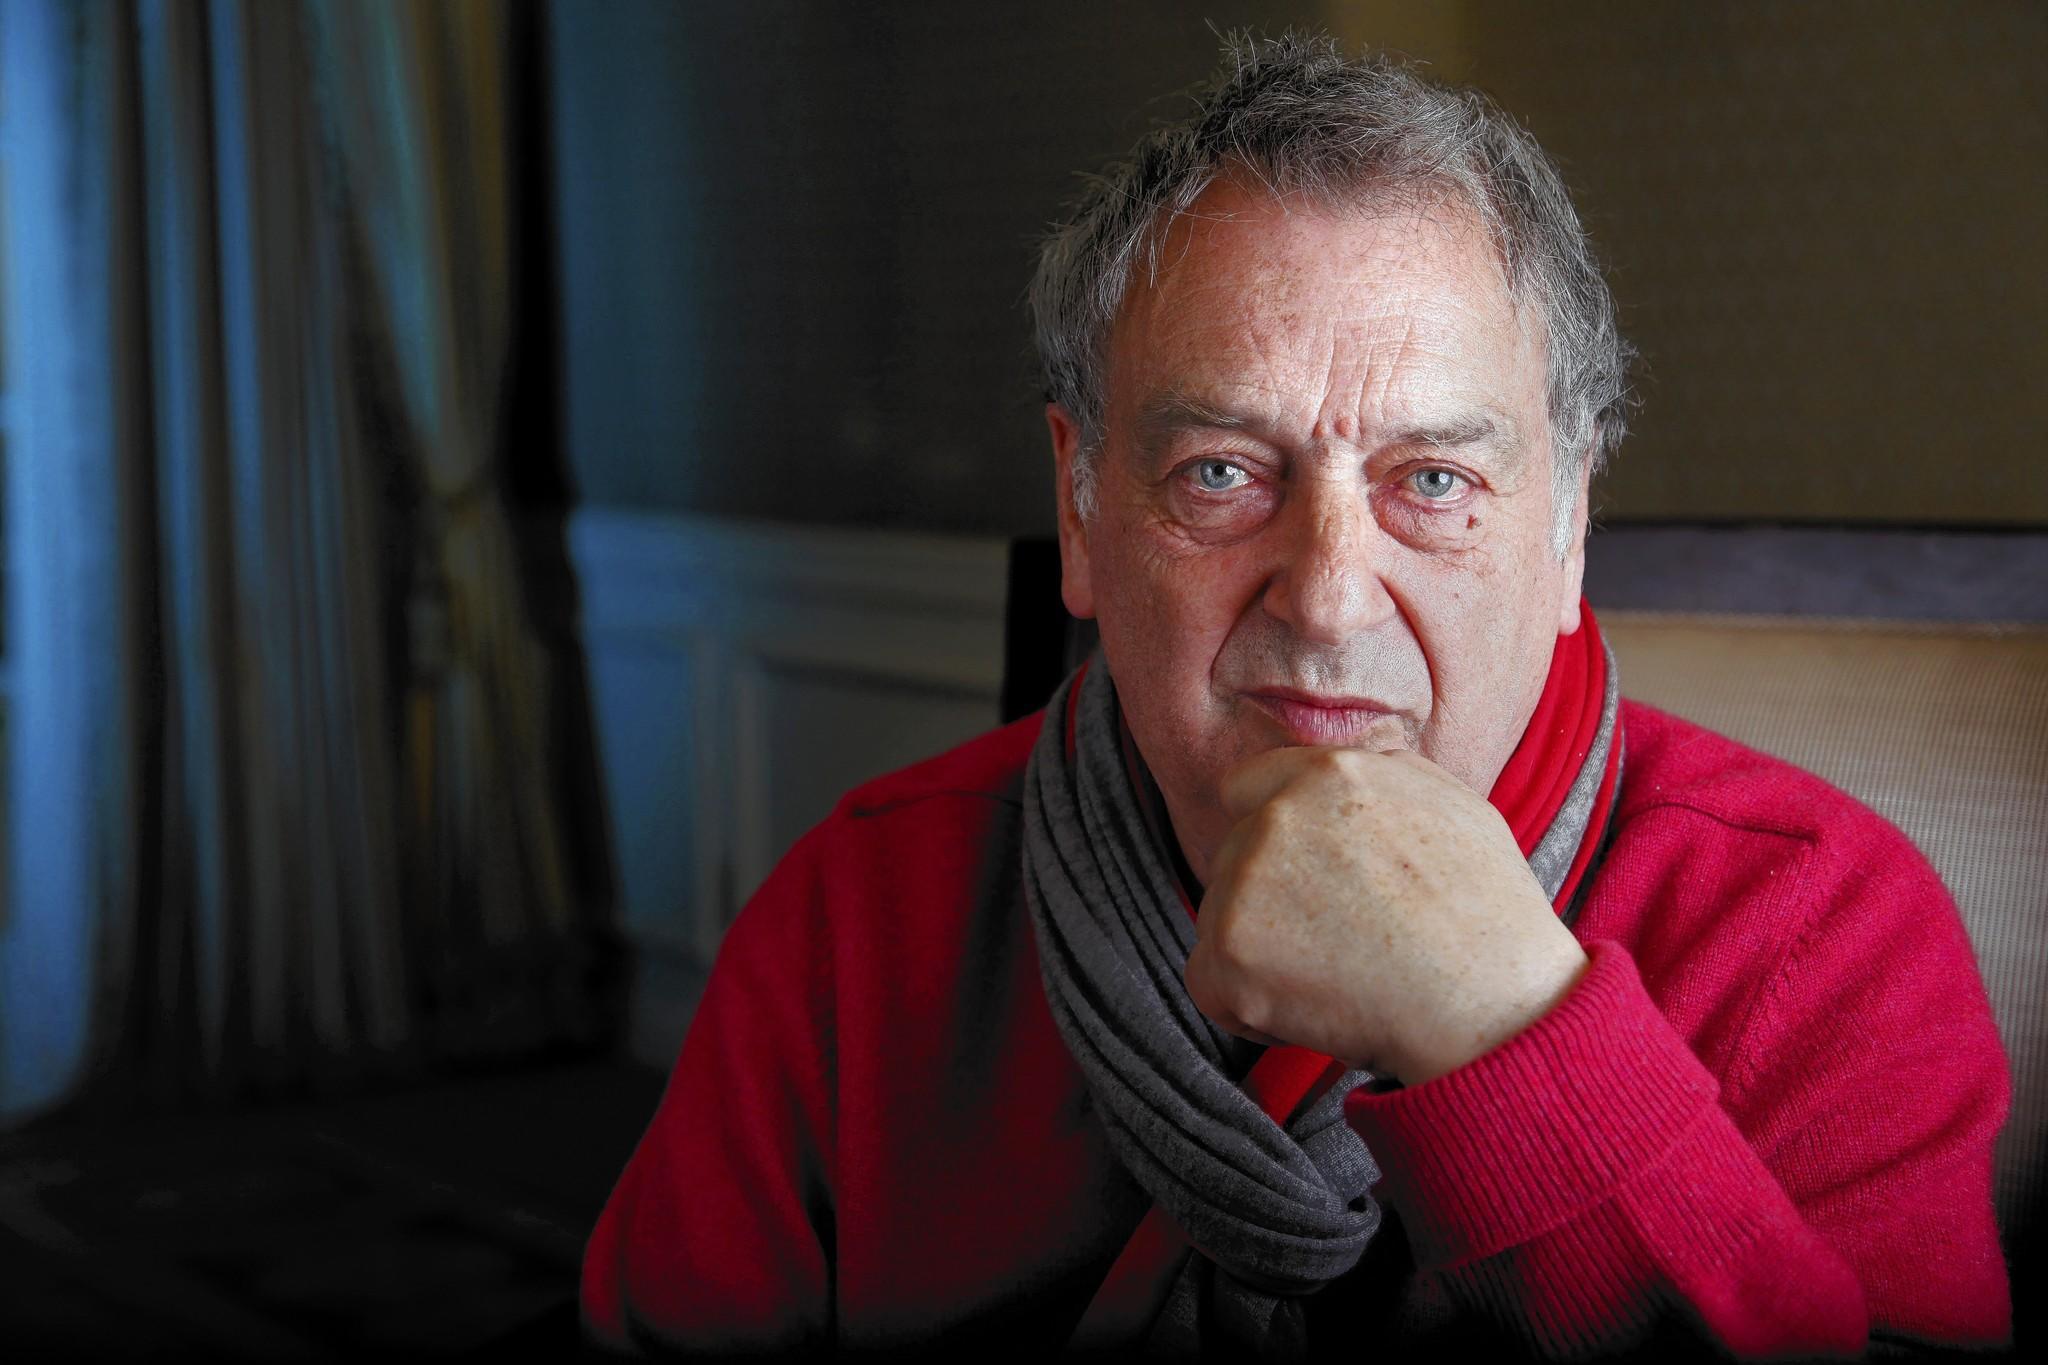 Stephen Frears, sutradara film Florence Foster Jenkins'yang juga menyutradarai film Philomena (sumber foto: articles.latimes.com)